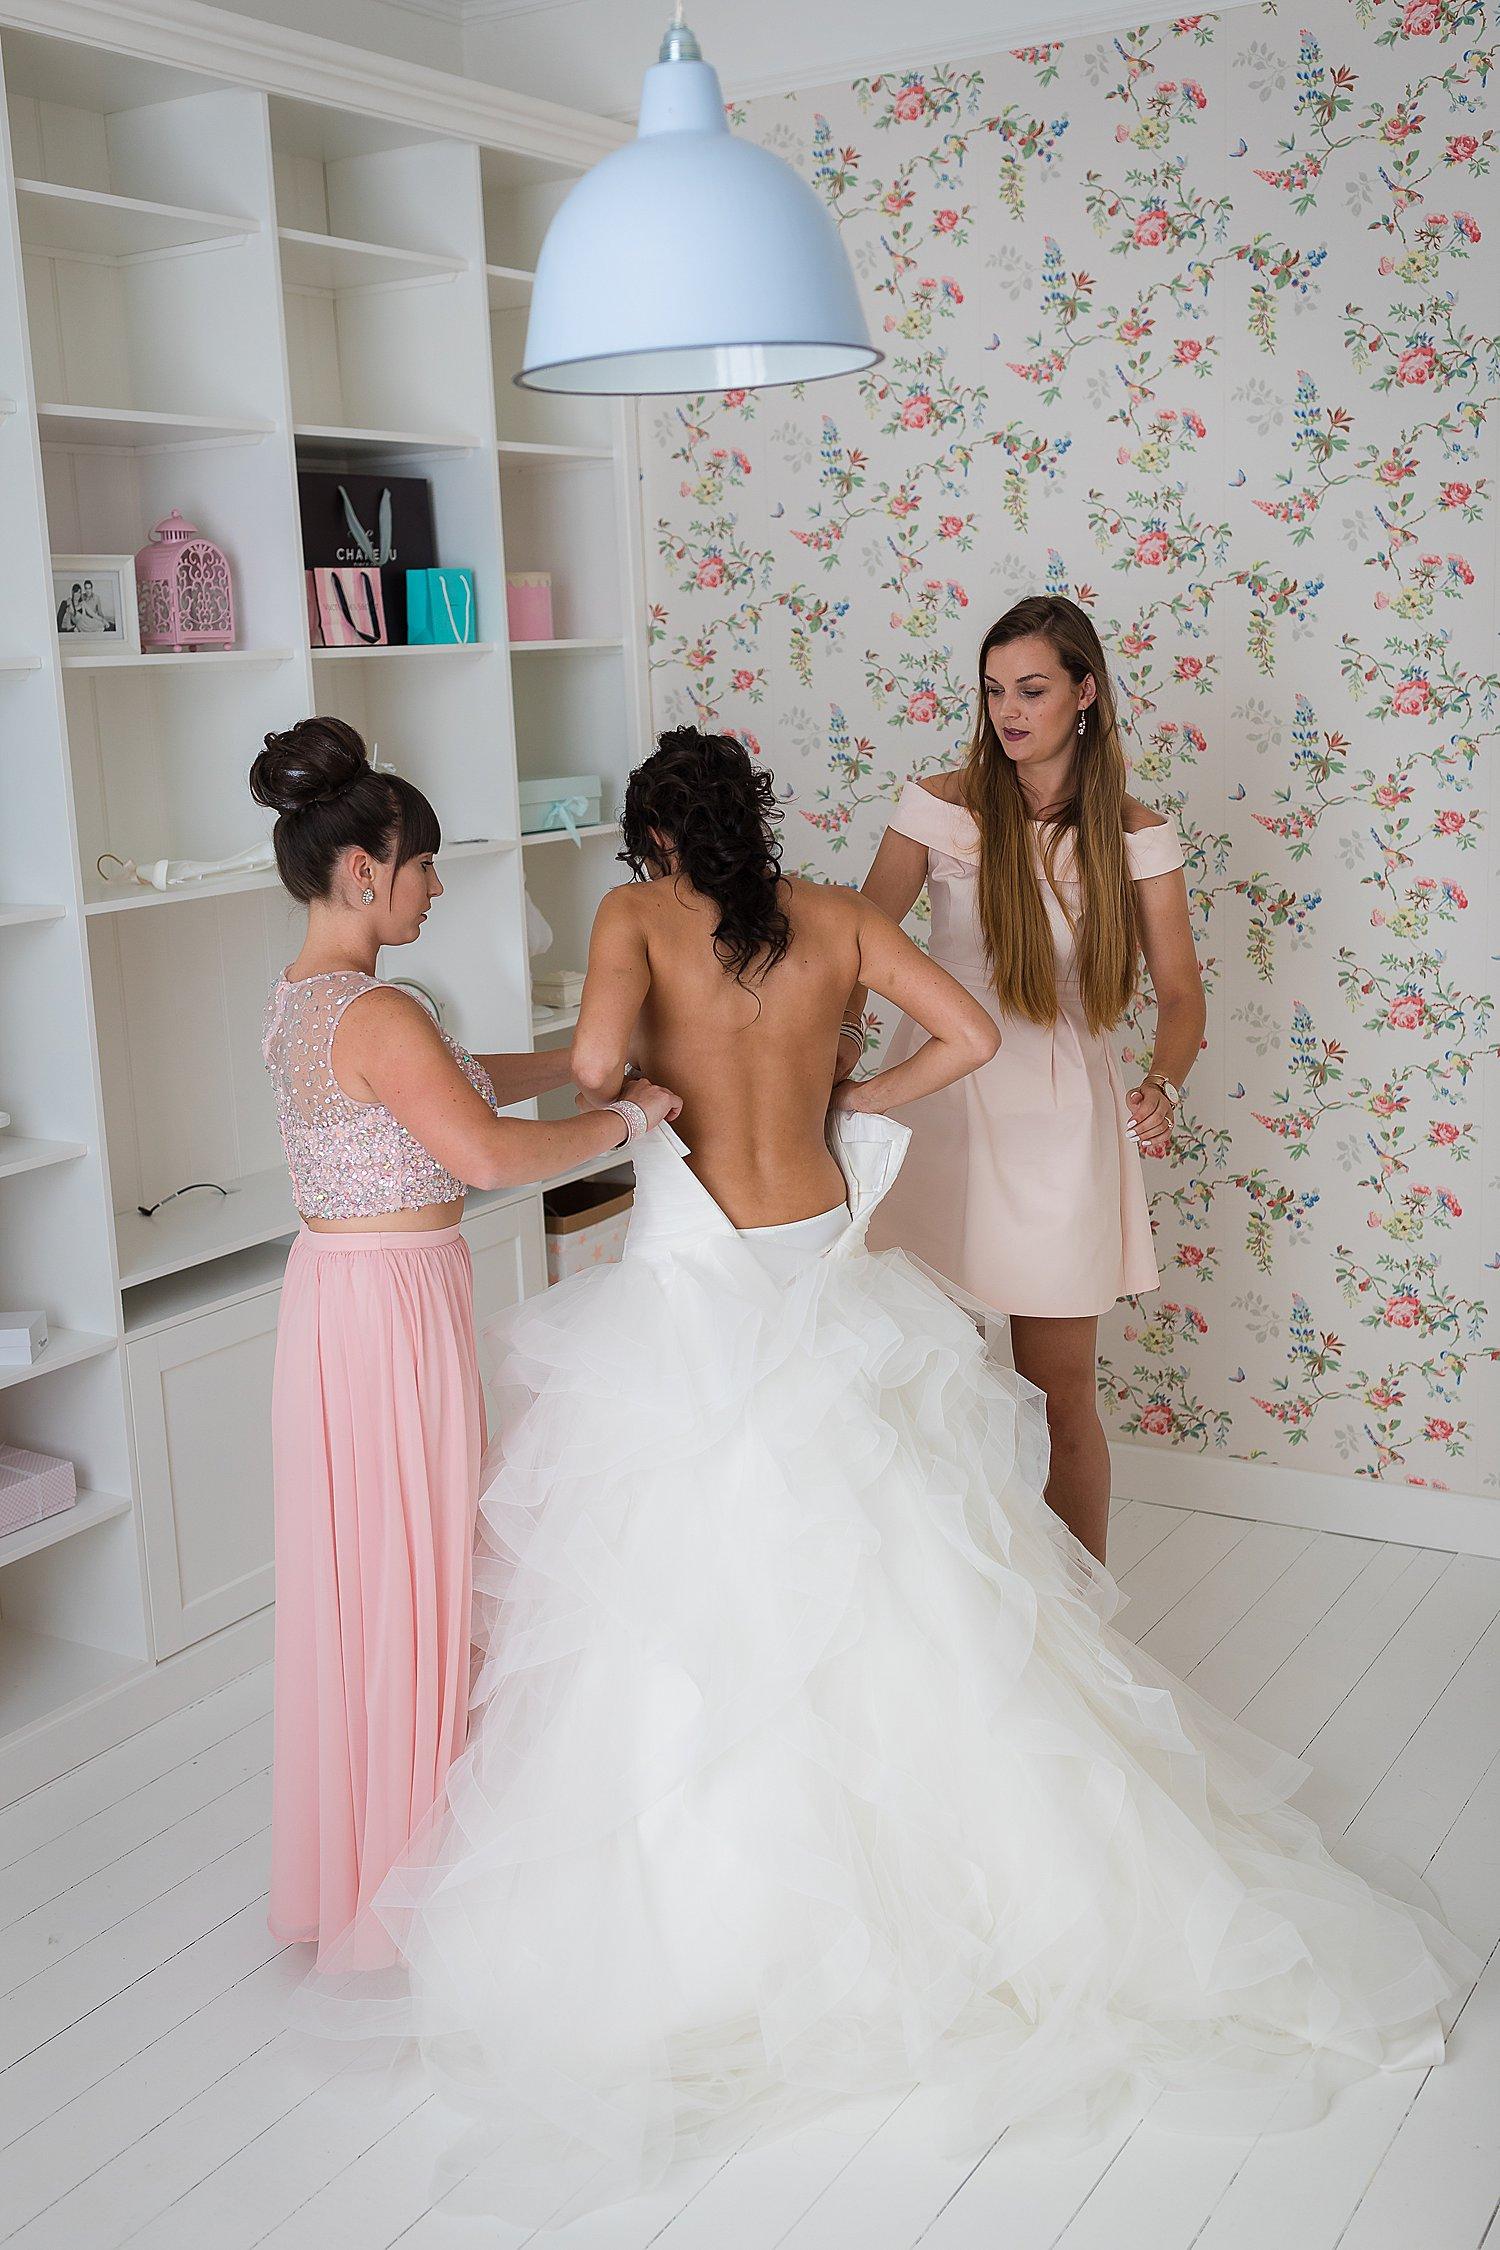 Aankleden-bruid-slaapkamer - Huwelijksfotograaf Ronny Wertelaers